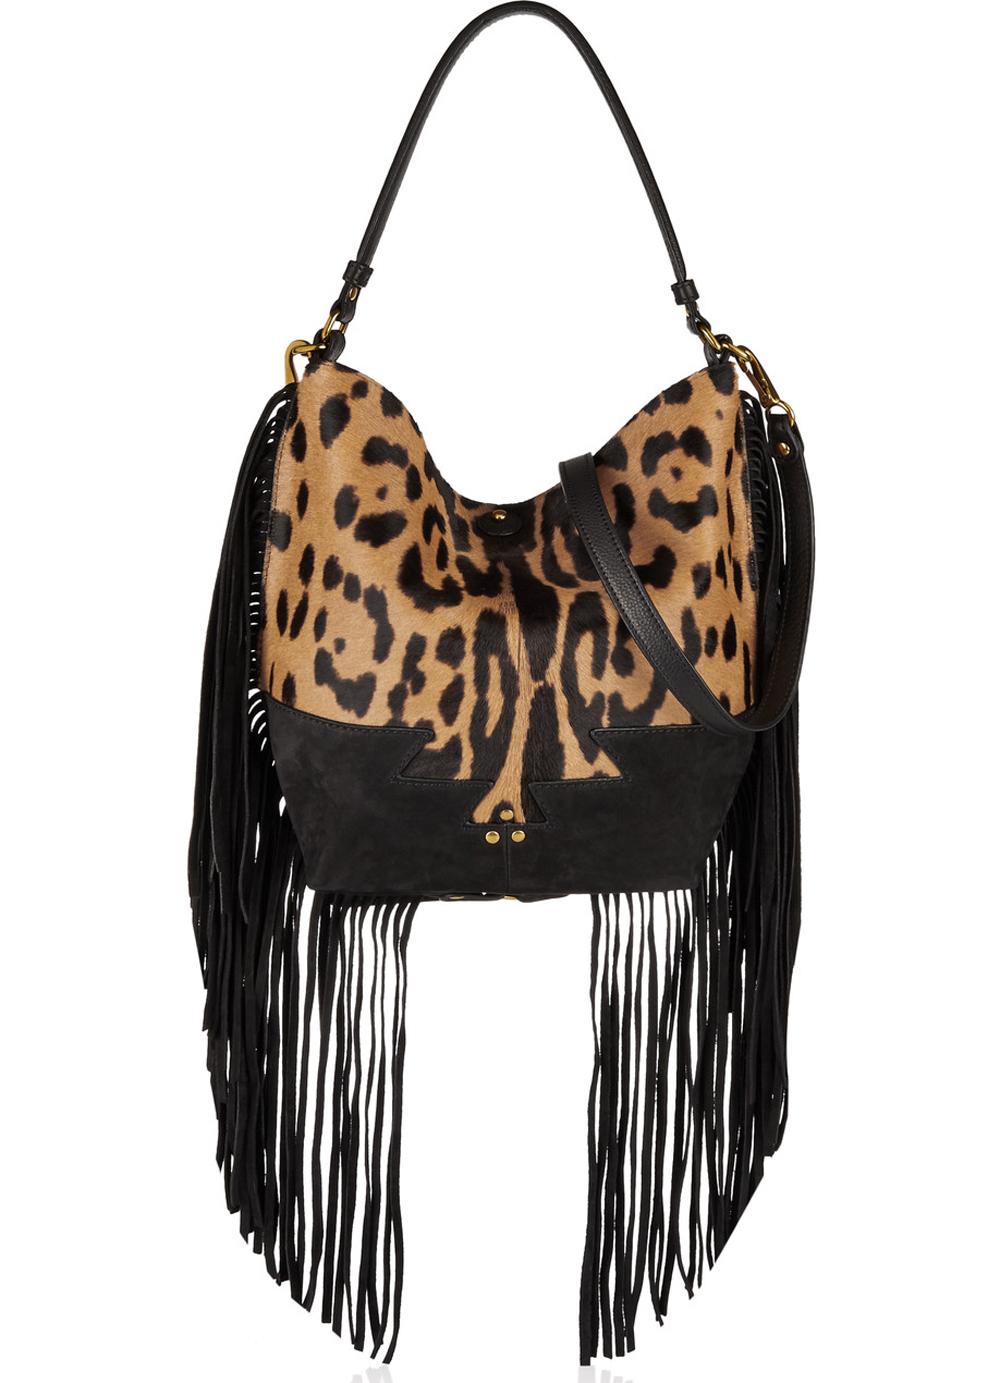 sac-franges-leopard-jerome-dreyfuss